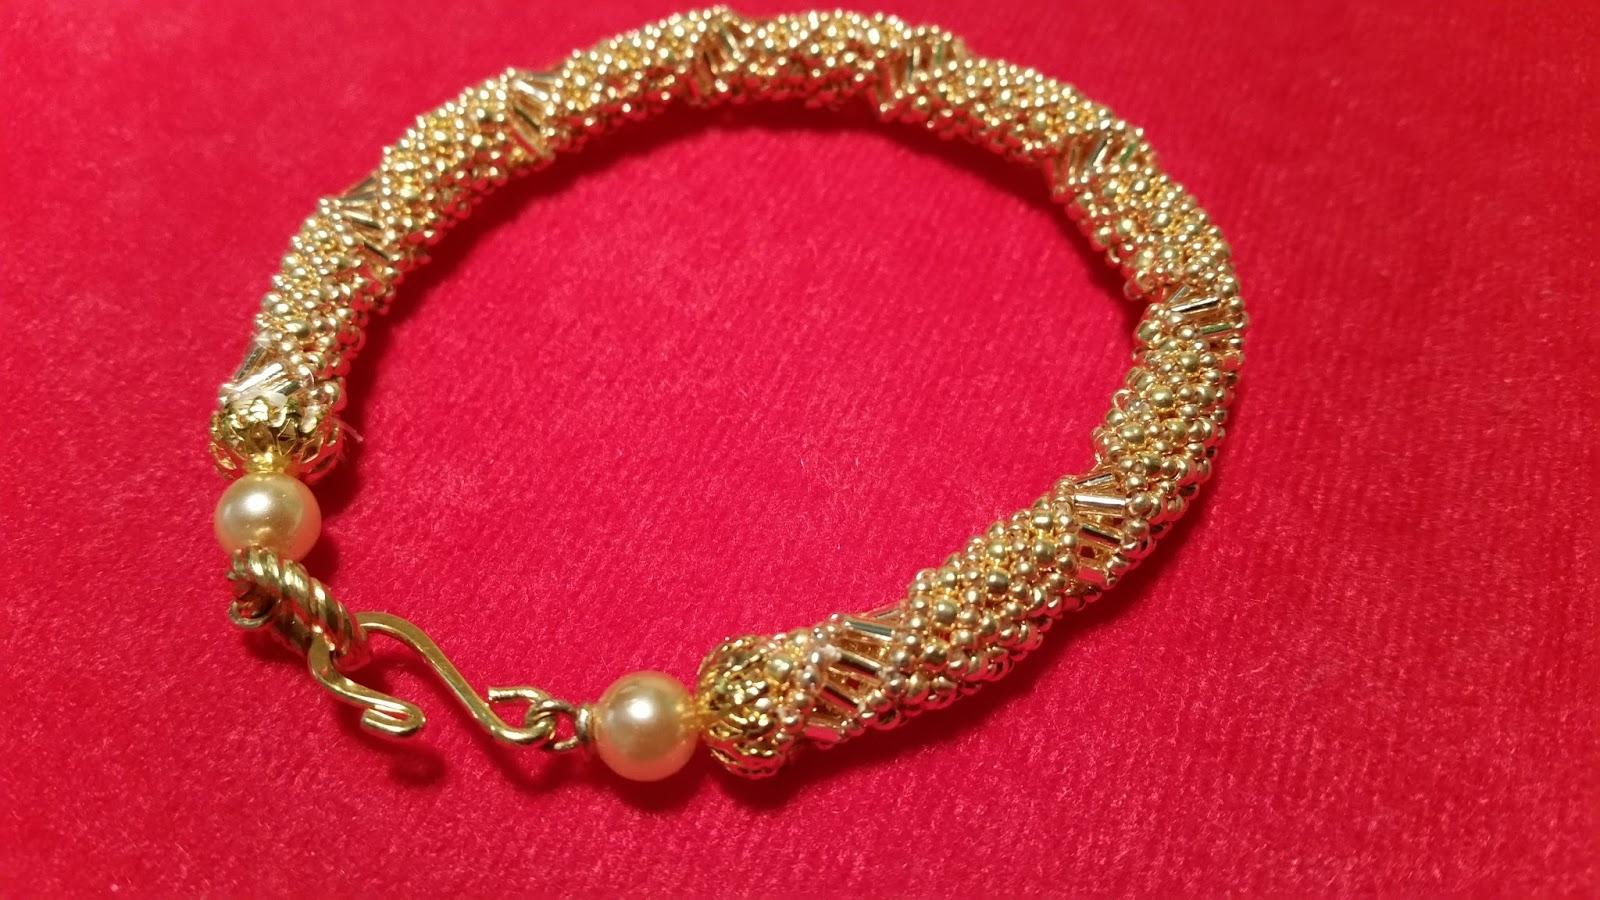 cuelgo de mi bisutería. Algo sencillo y conocido, la espiral rusa, en estas pulseras en tonos dorados. Sencillas y elegantes. La diferencia la marca el